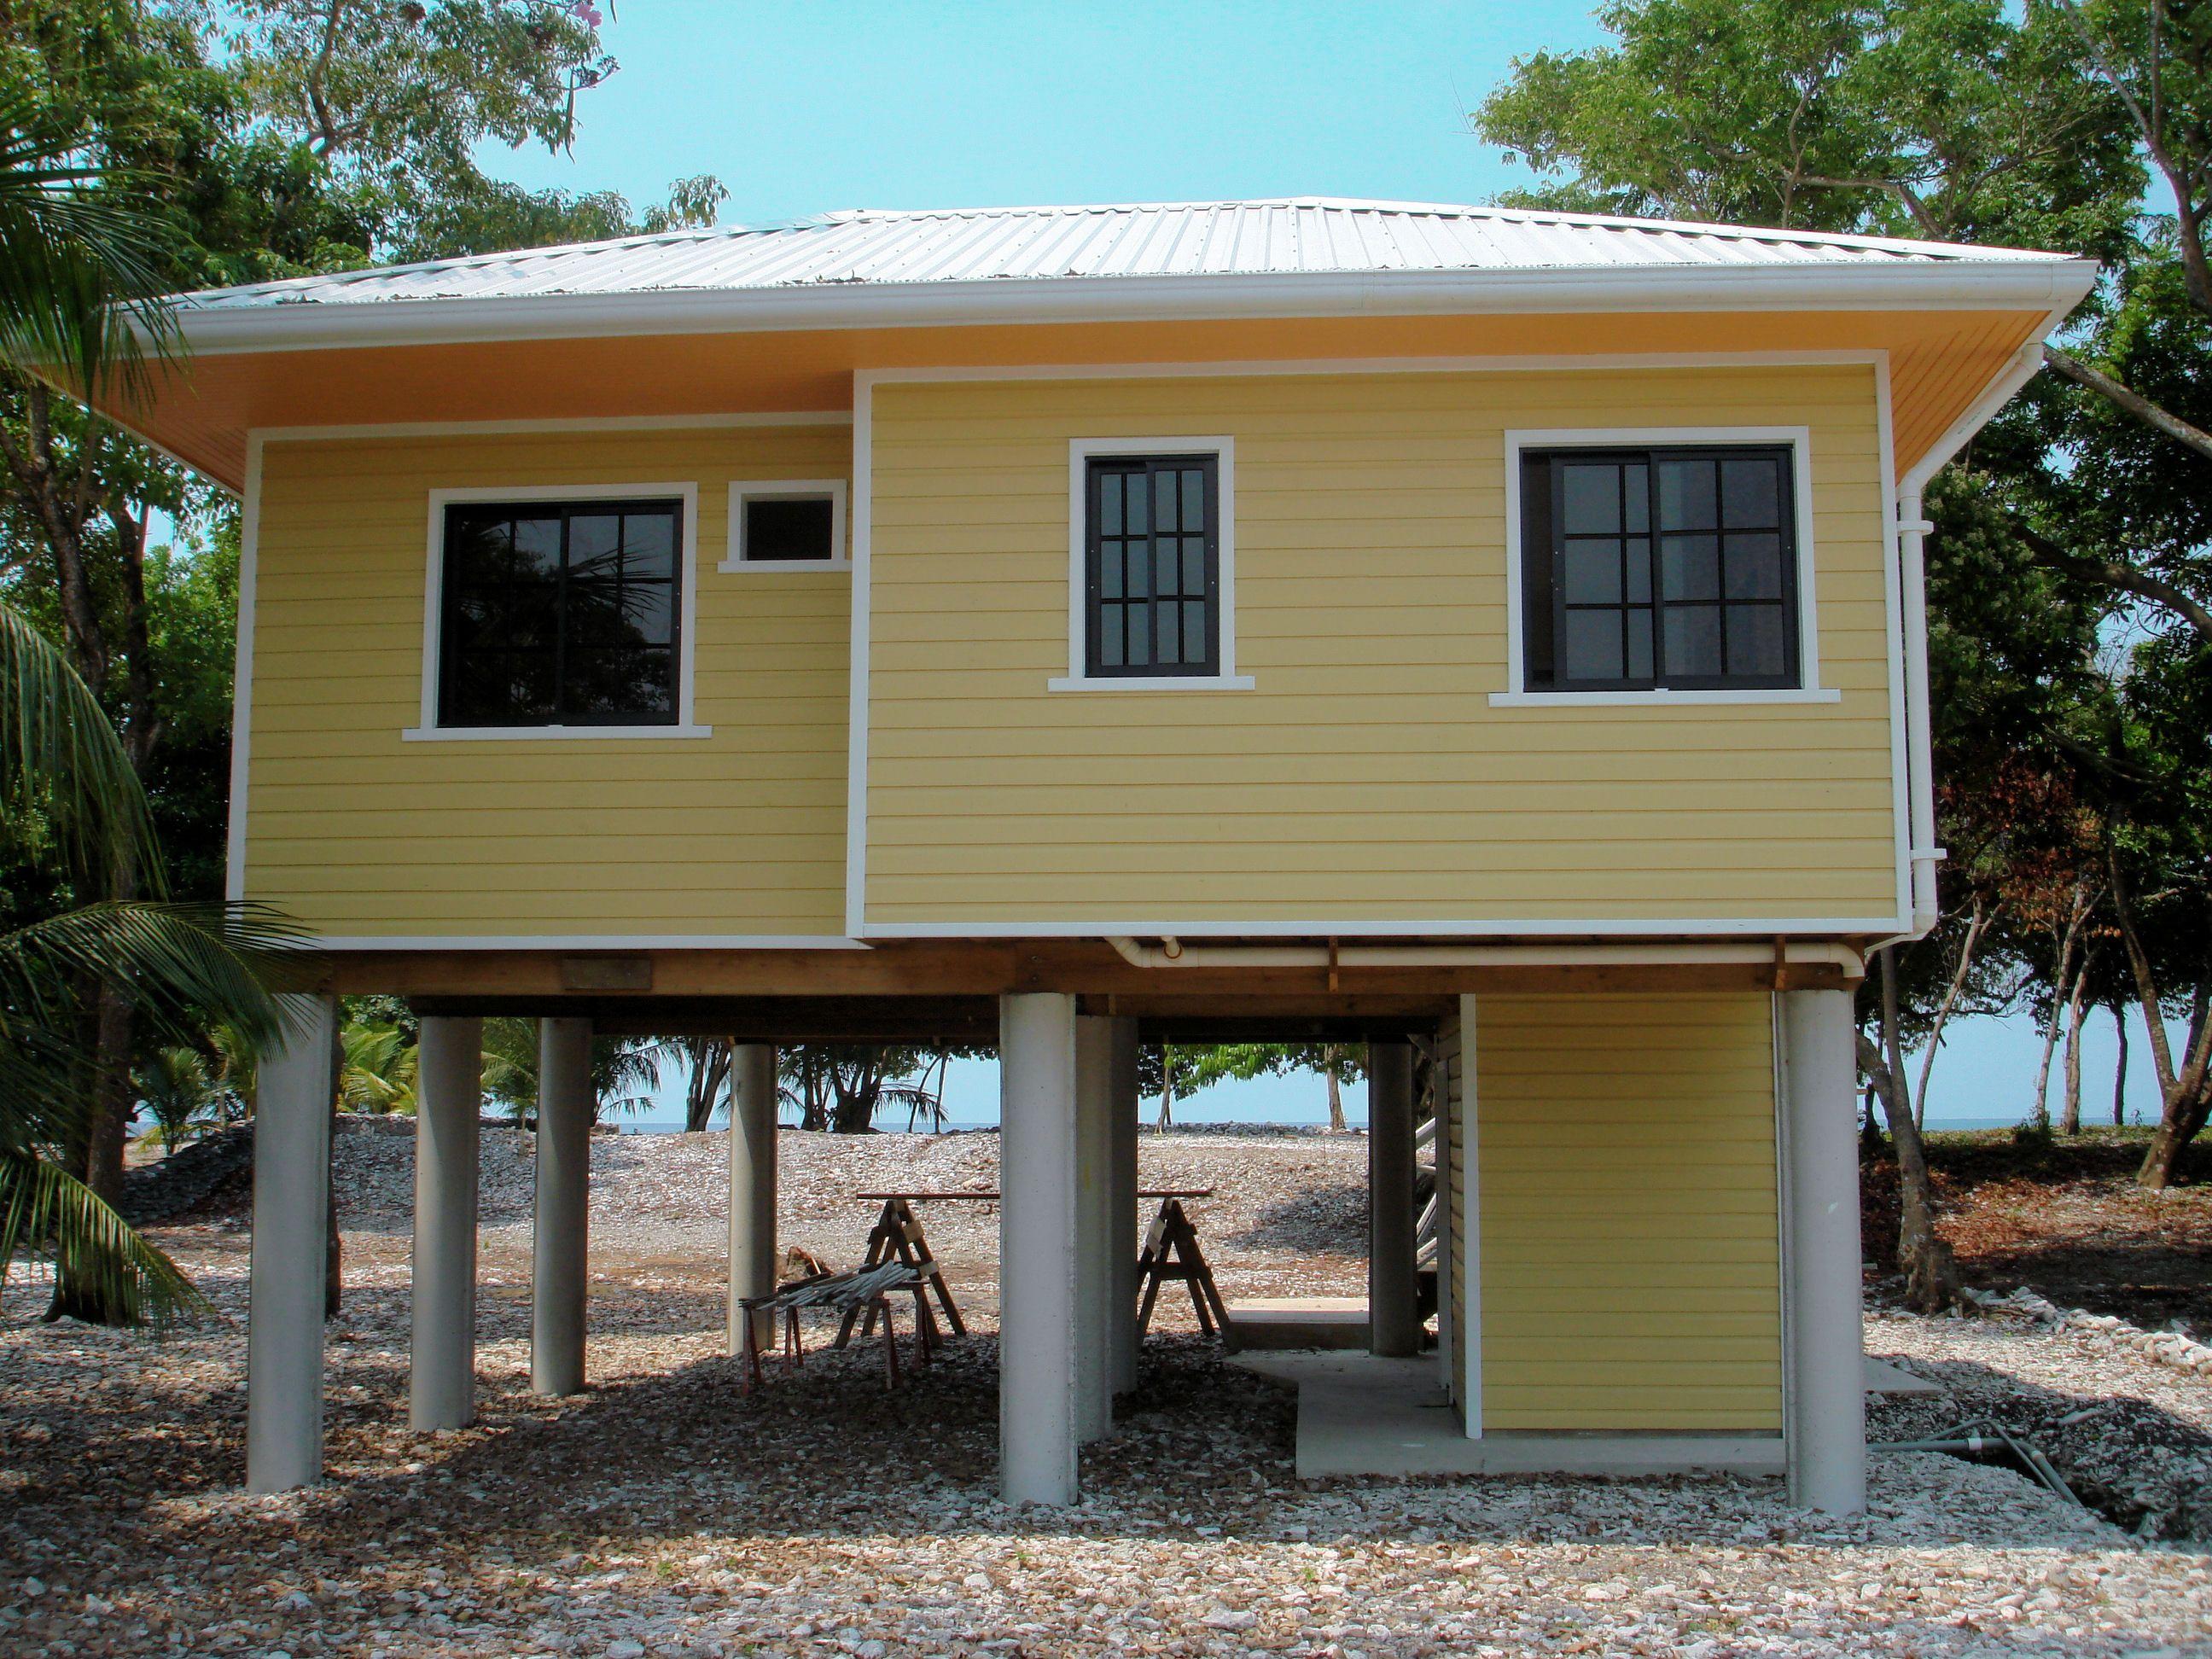 Beach Cottage Small Beach House Plans Small Beach Houses House On Stilts